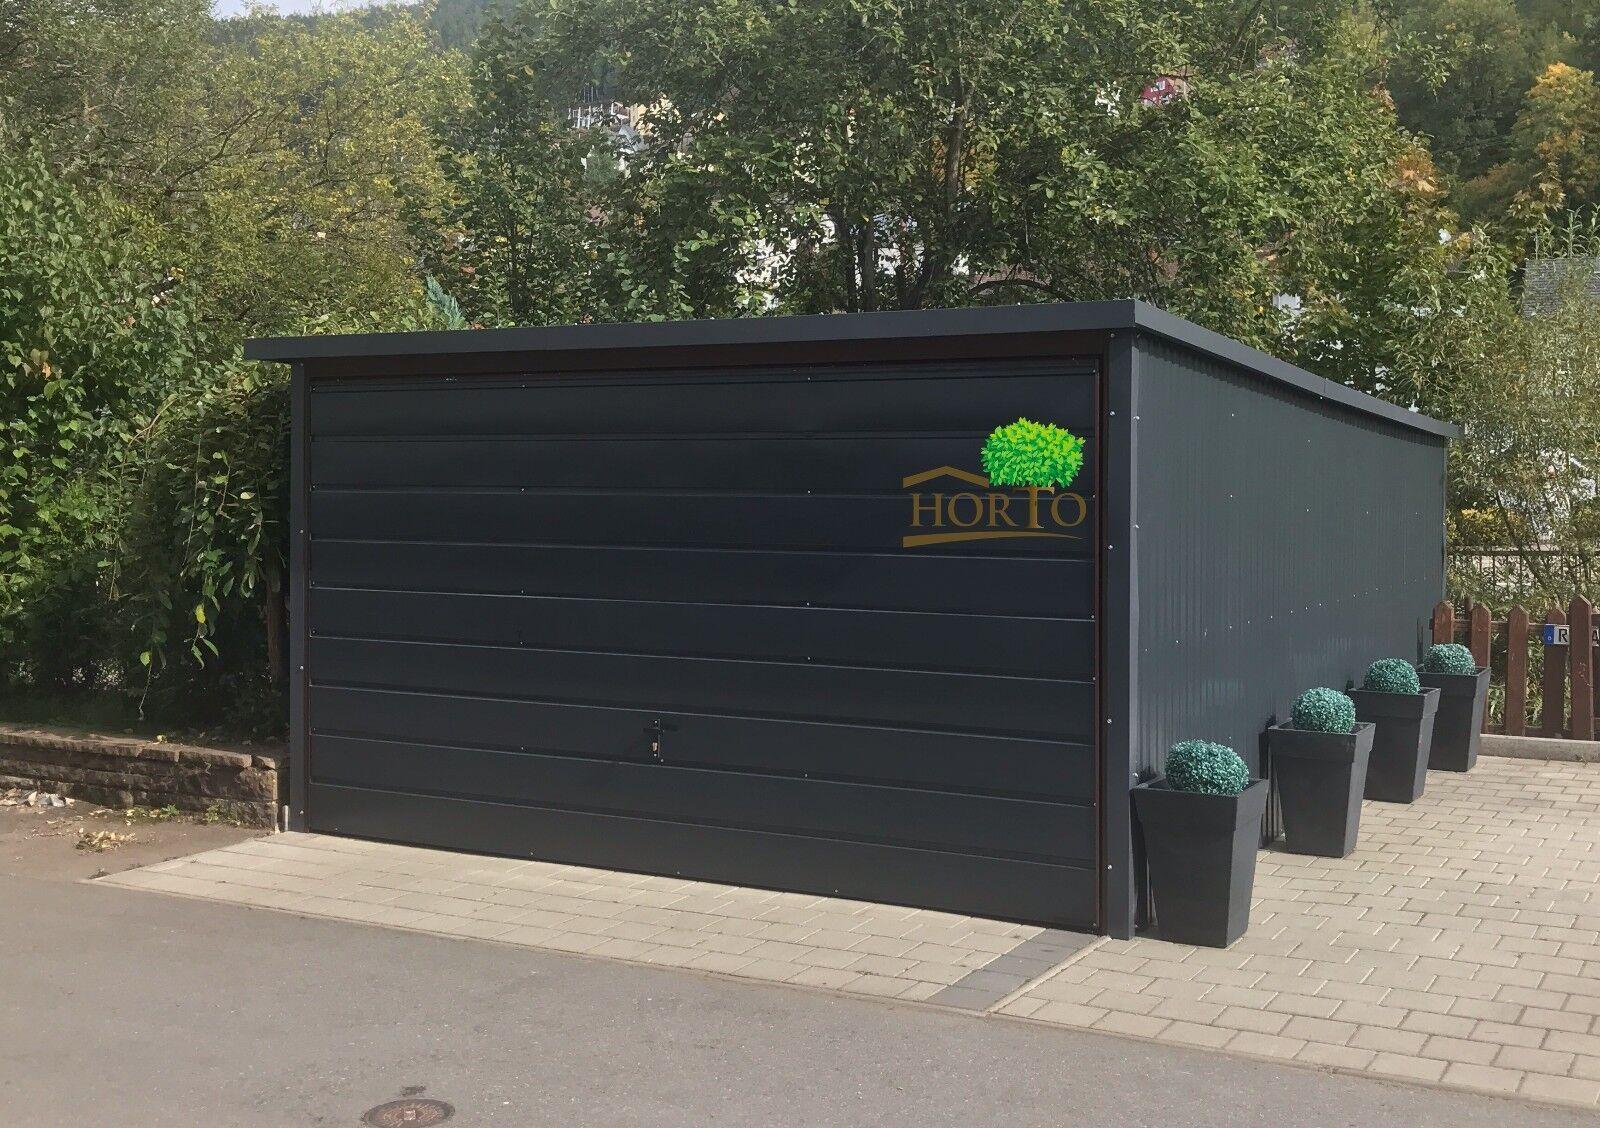 Blechgarage Fertiggarage Metallgarage LAGERRAUM GERÄTESCHUPPEN garage 4x5 NEU